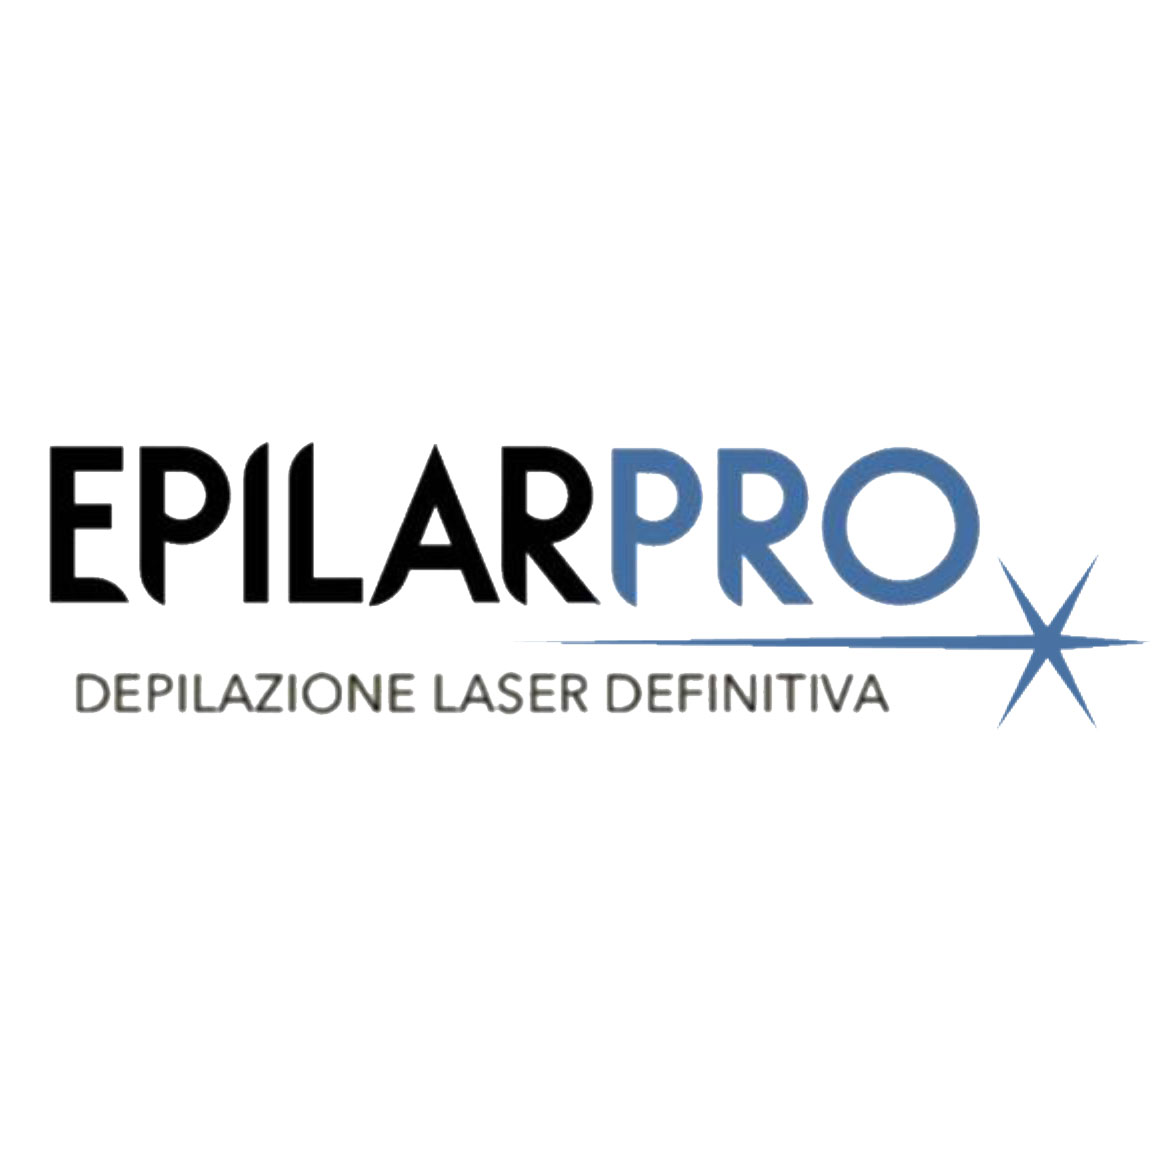 epilarpro